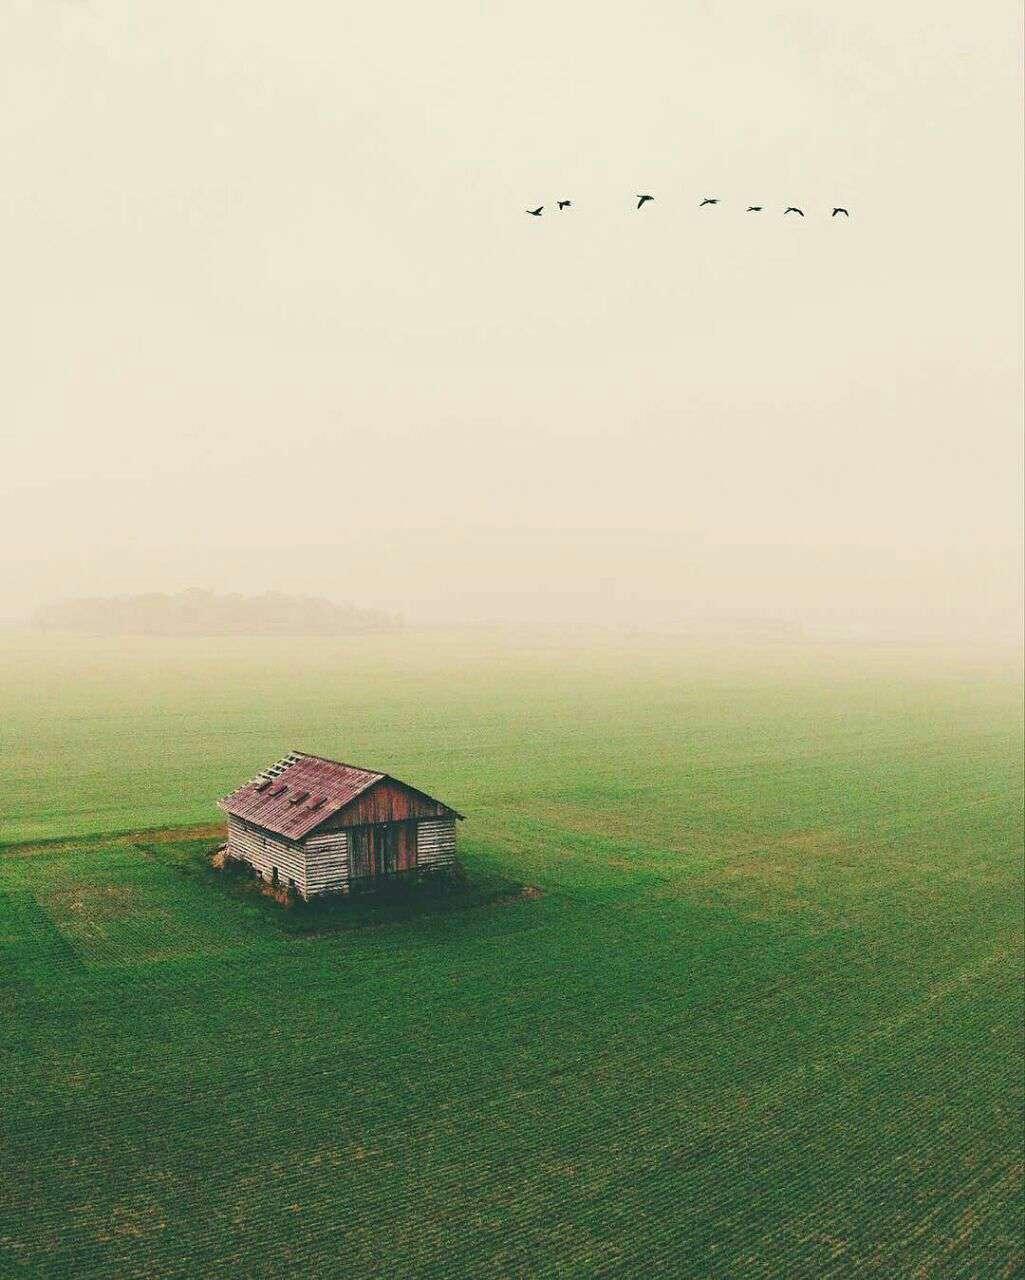 کلبه ای میان دشت سبز